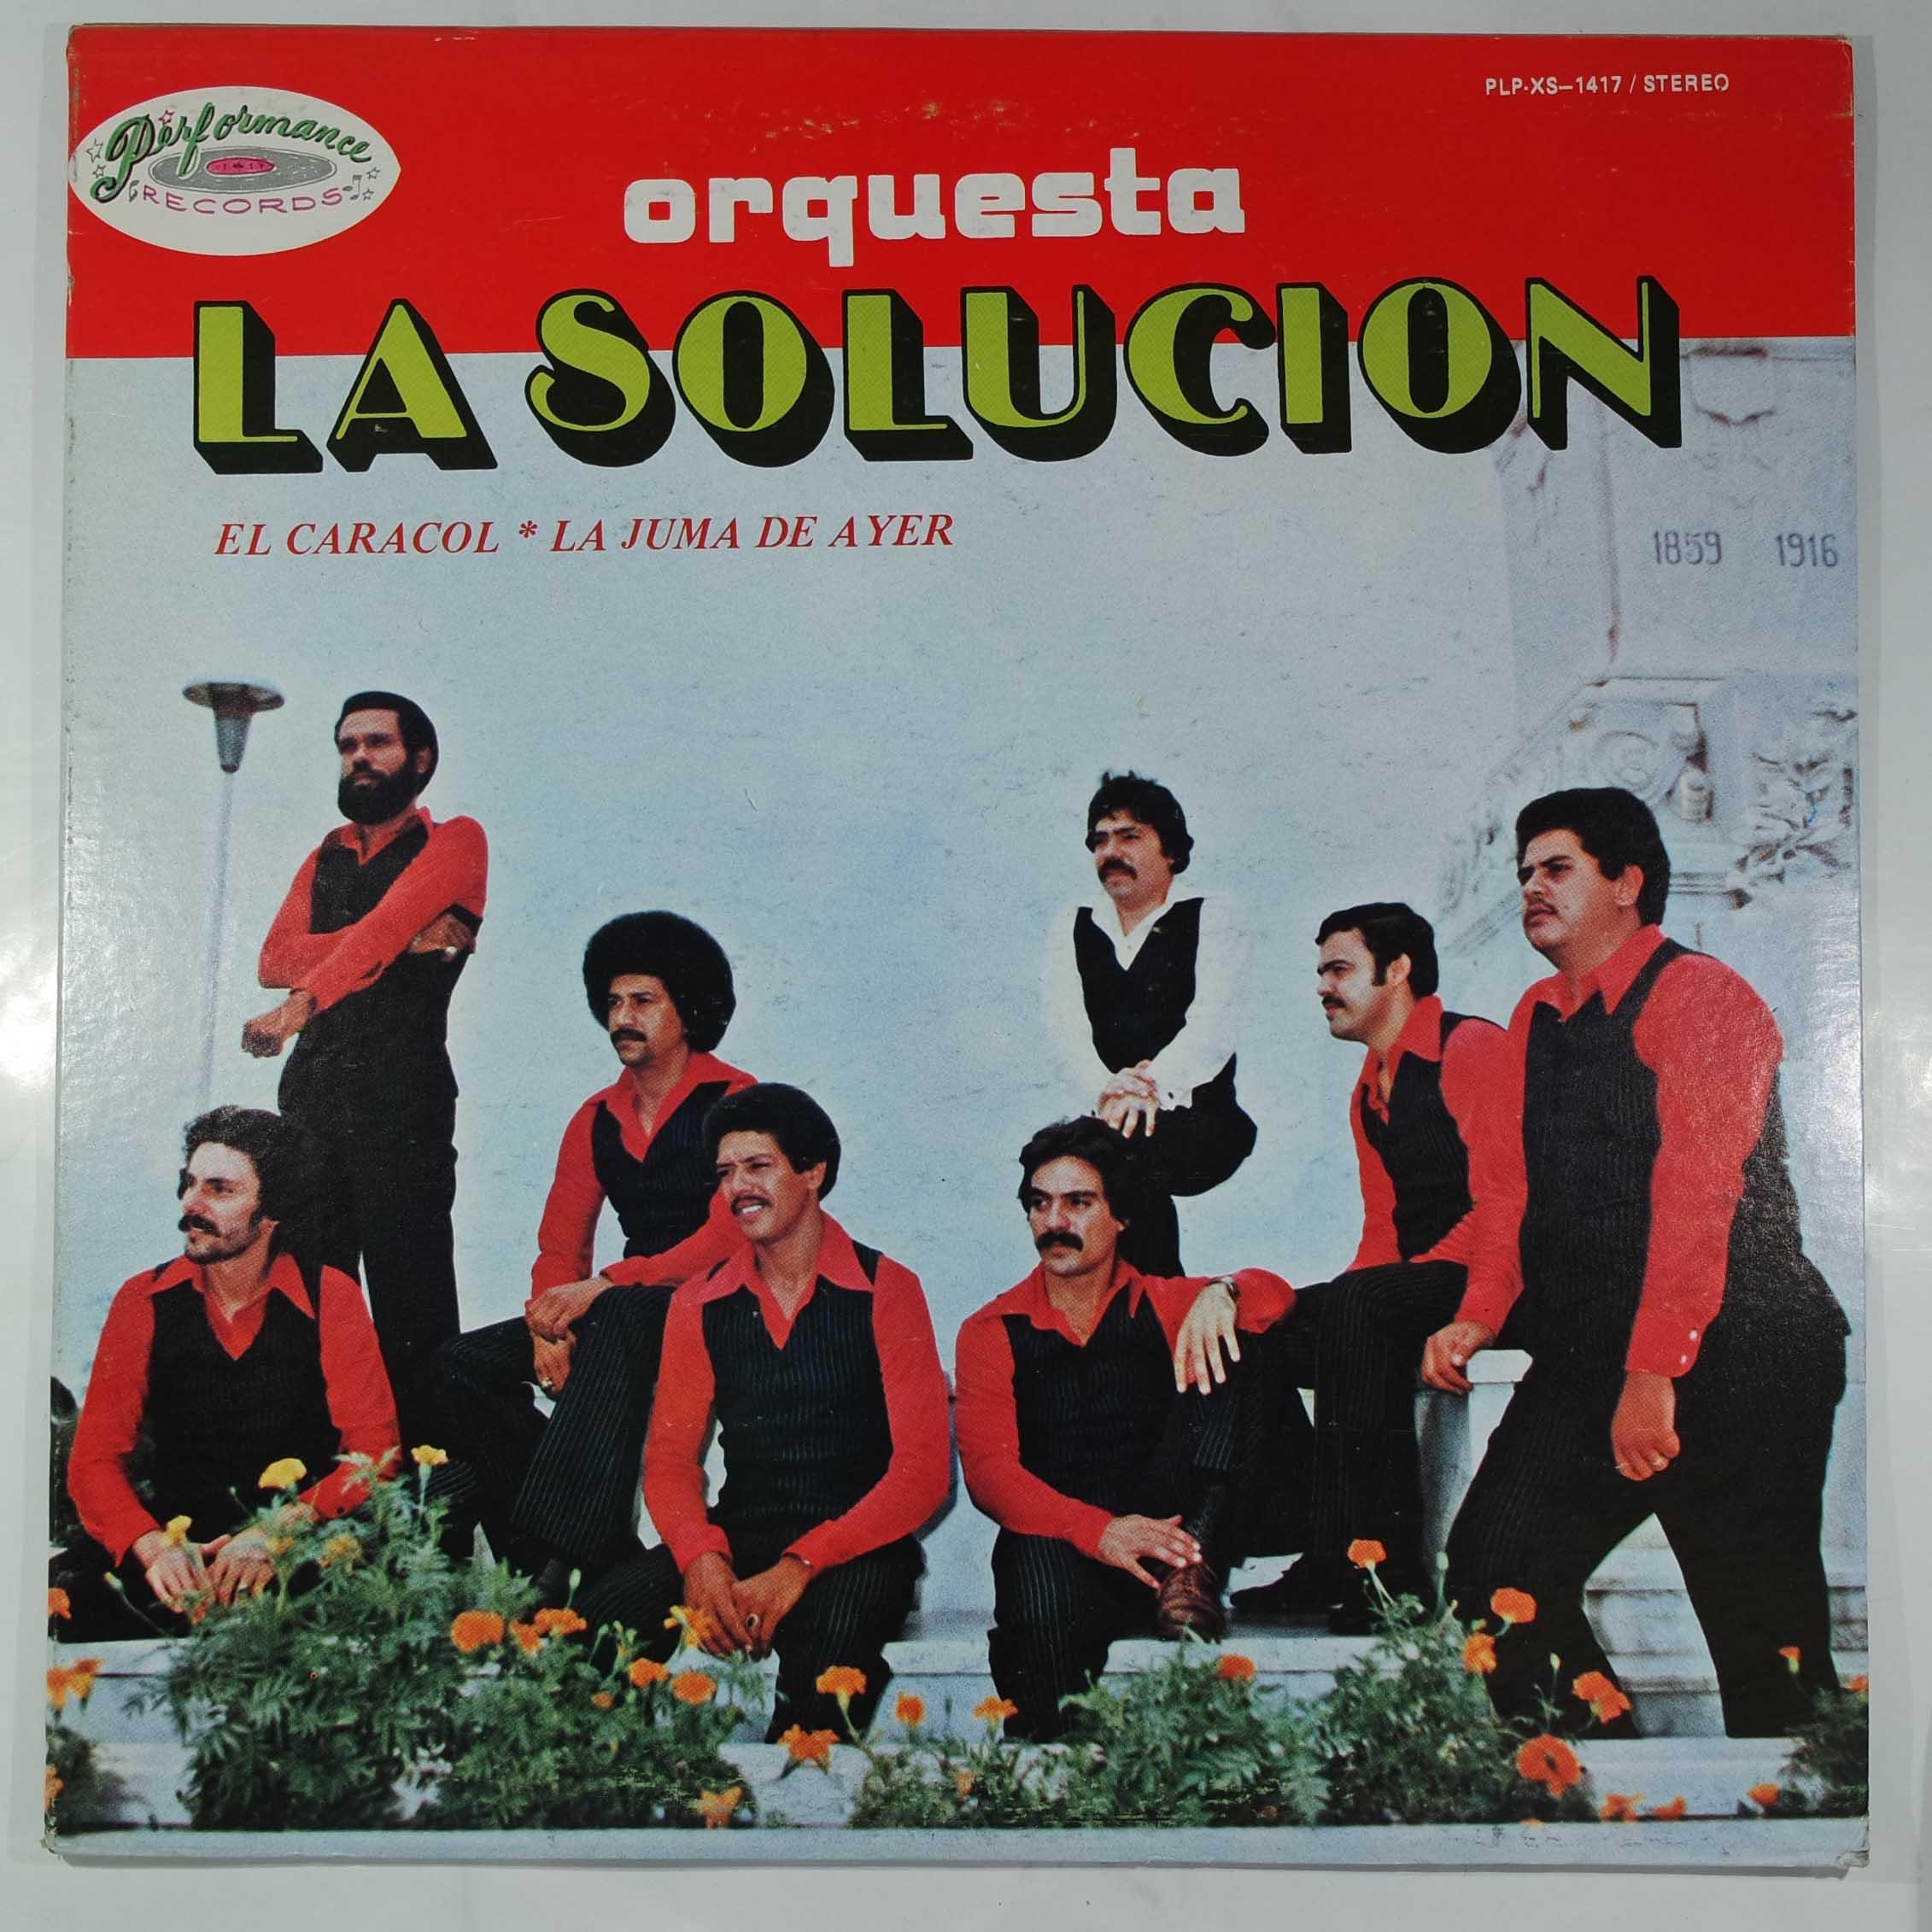 Orquesta La Solucion Same